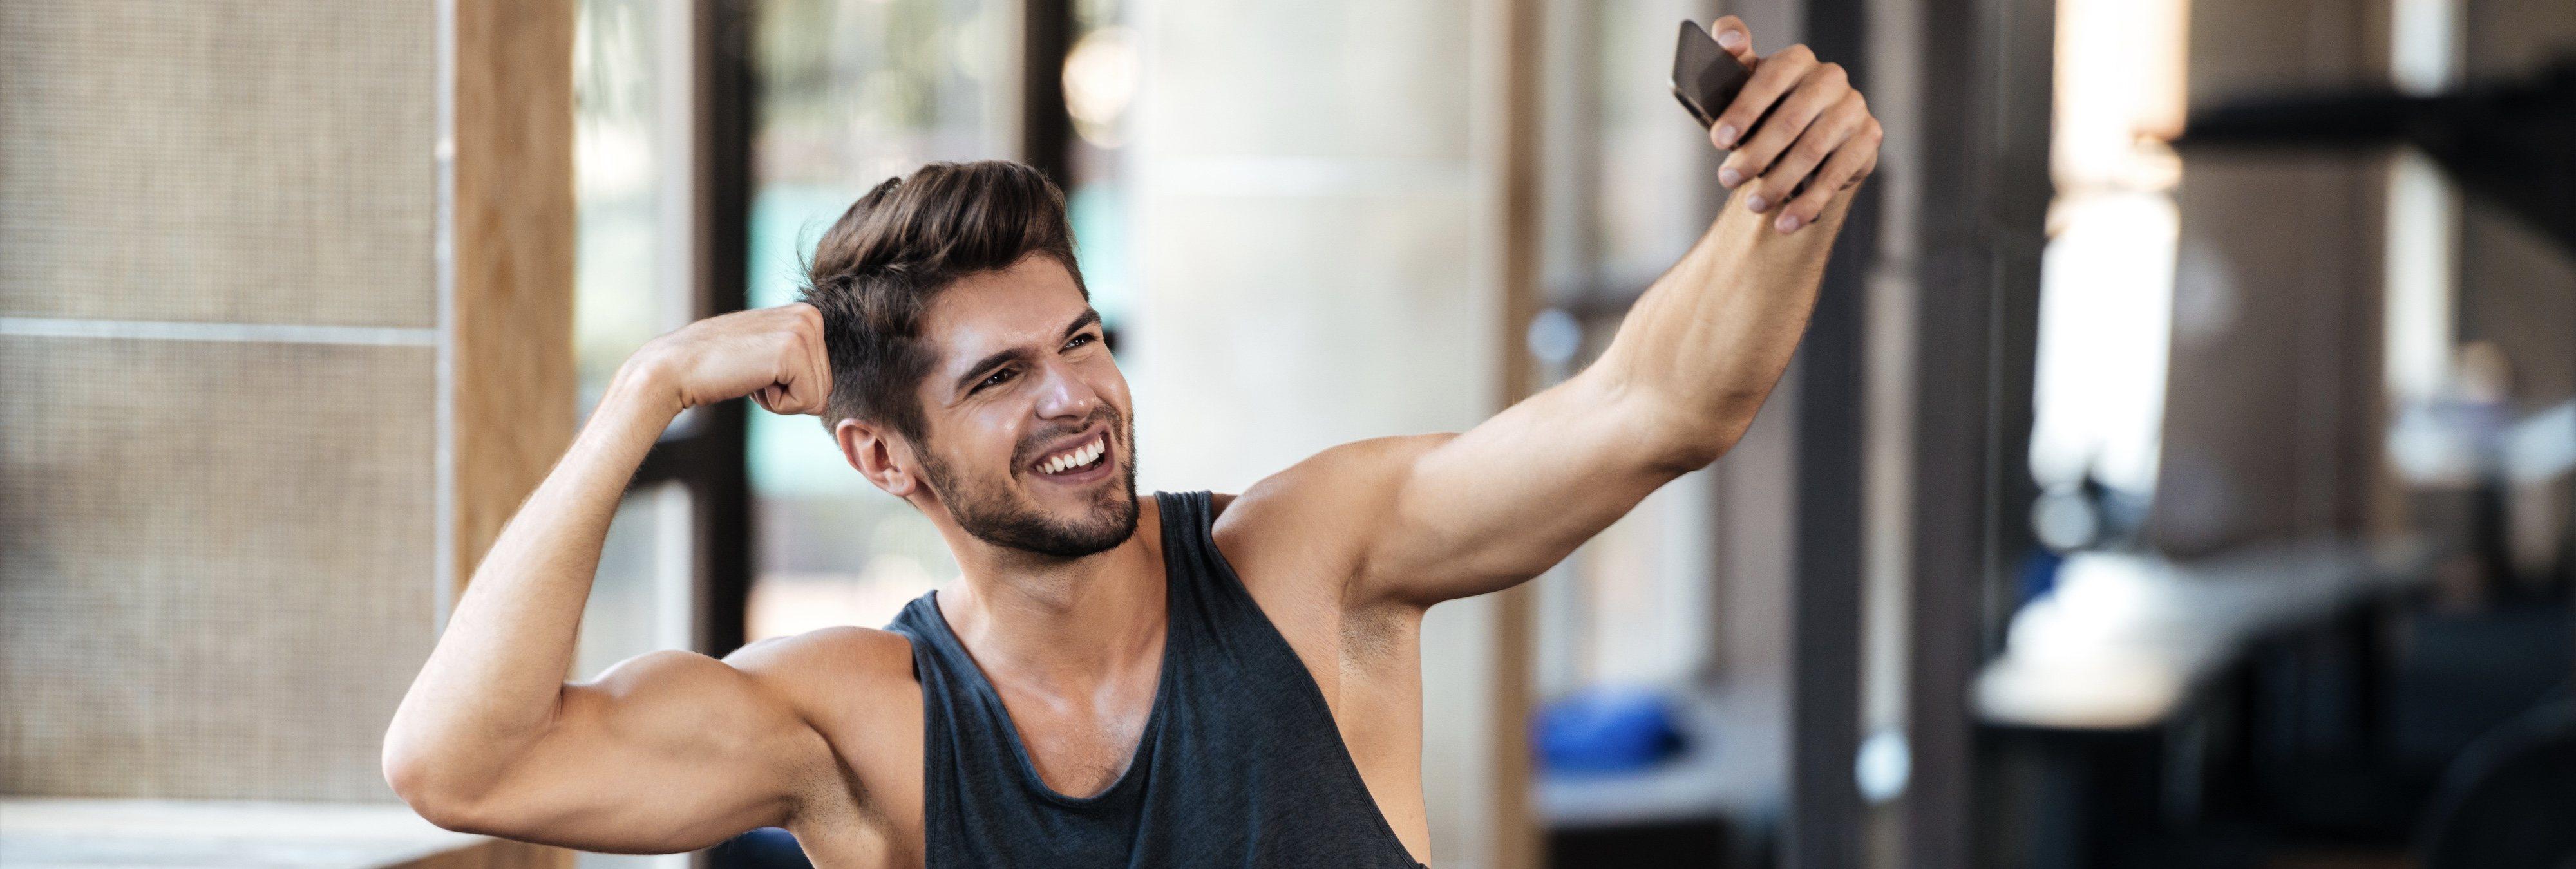 Las personas que suben 'selfies' en el gimnasio tienen problemas mentales, según un estudio